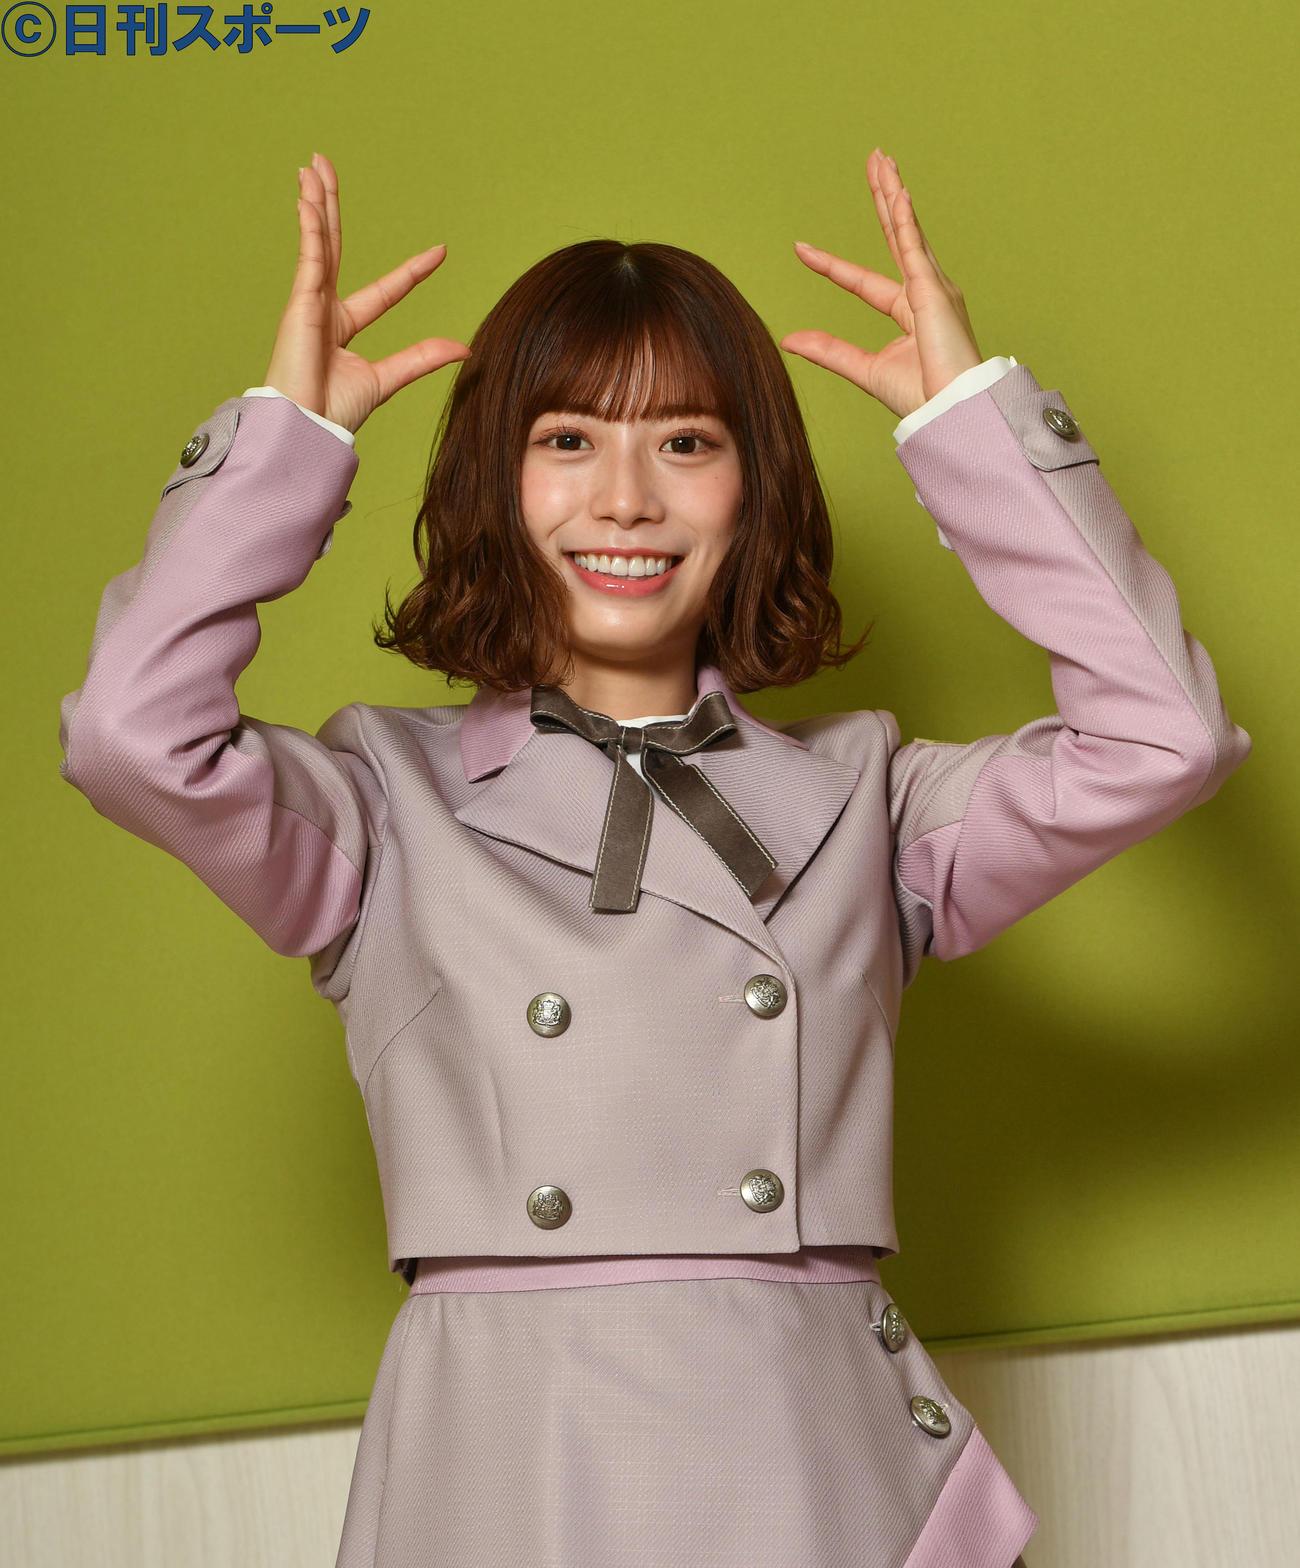 日向坂46の「ヒ」のポーズをする東村芽依(撮影・柴田隆二)